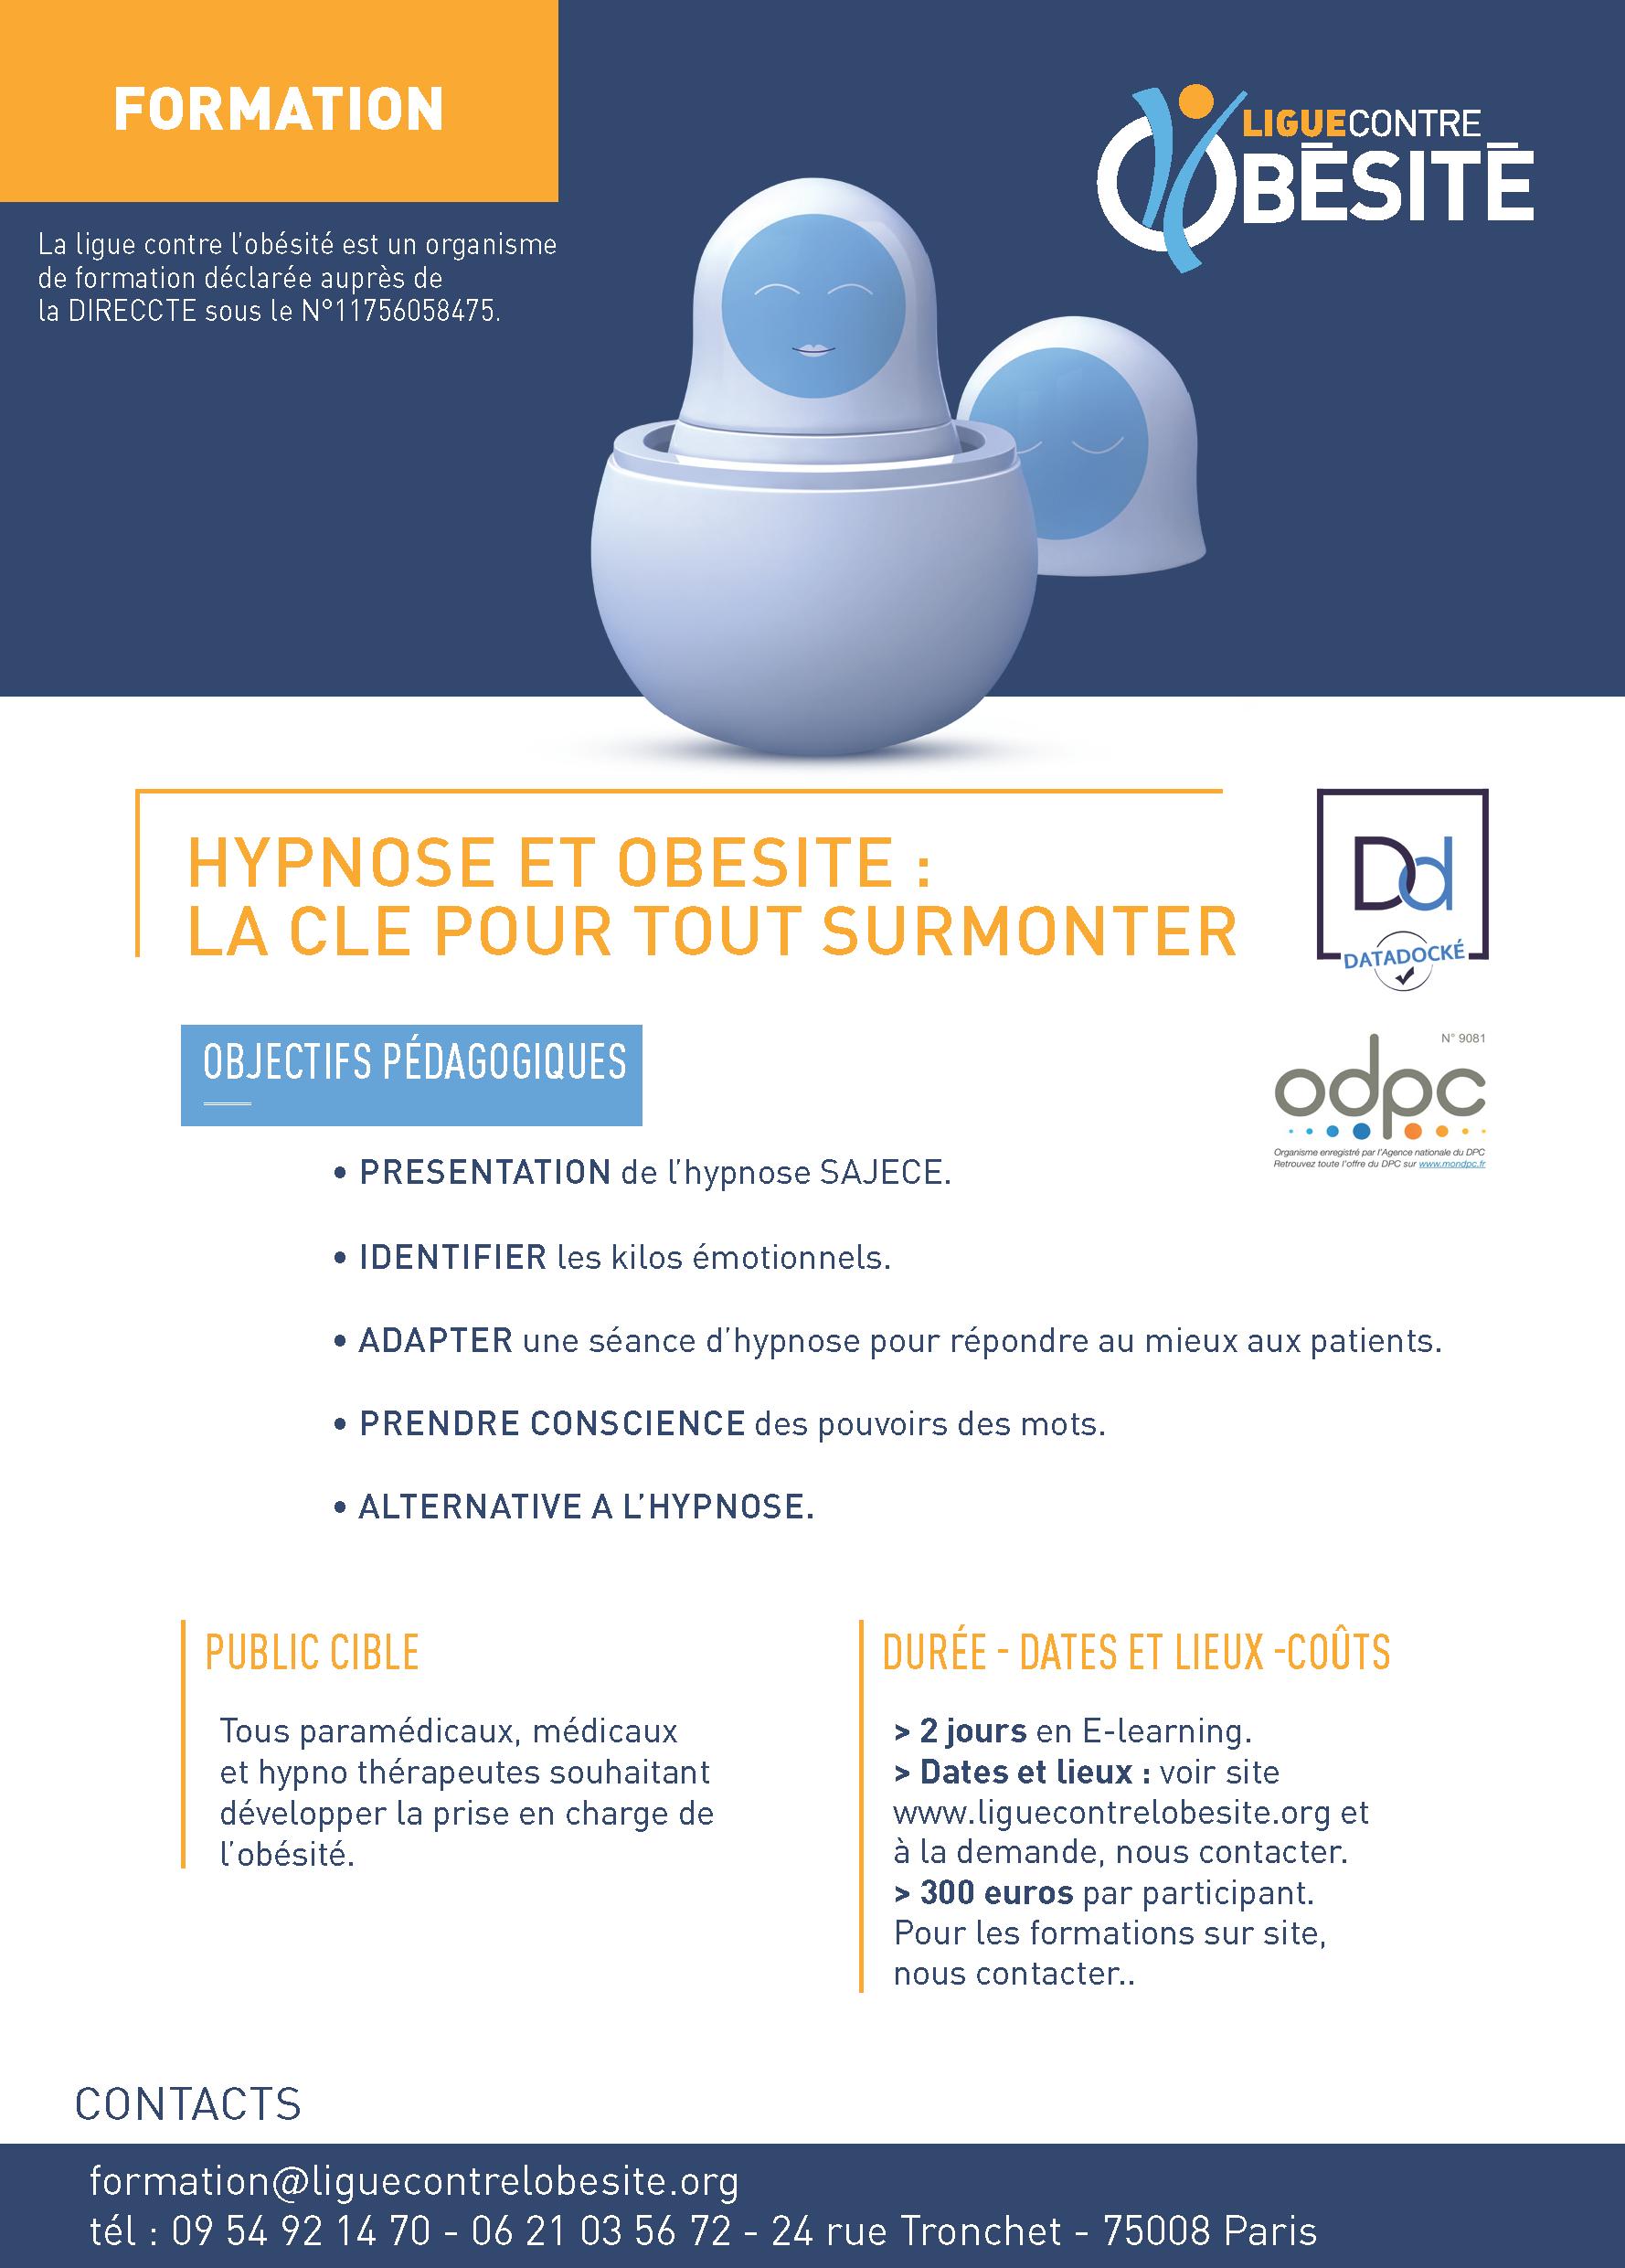 La Ligue contre l'obésité organise son prochain rendez-vous formation les 4 et 5 mars 2021. Il s'adresse à tous les professionnels de santé et les paramédicaux souhaitant mieux comprendre l'intérêt de l'hypnose dans le traitement de l'obésité.